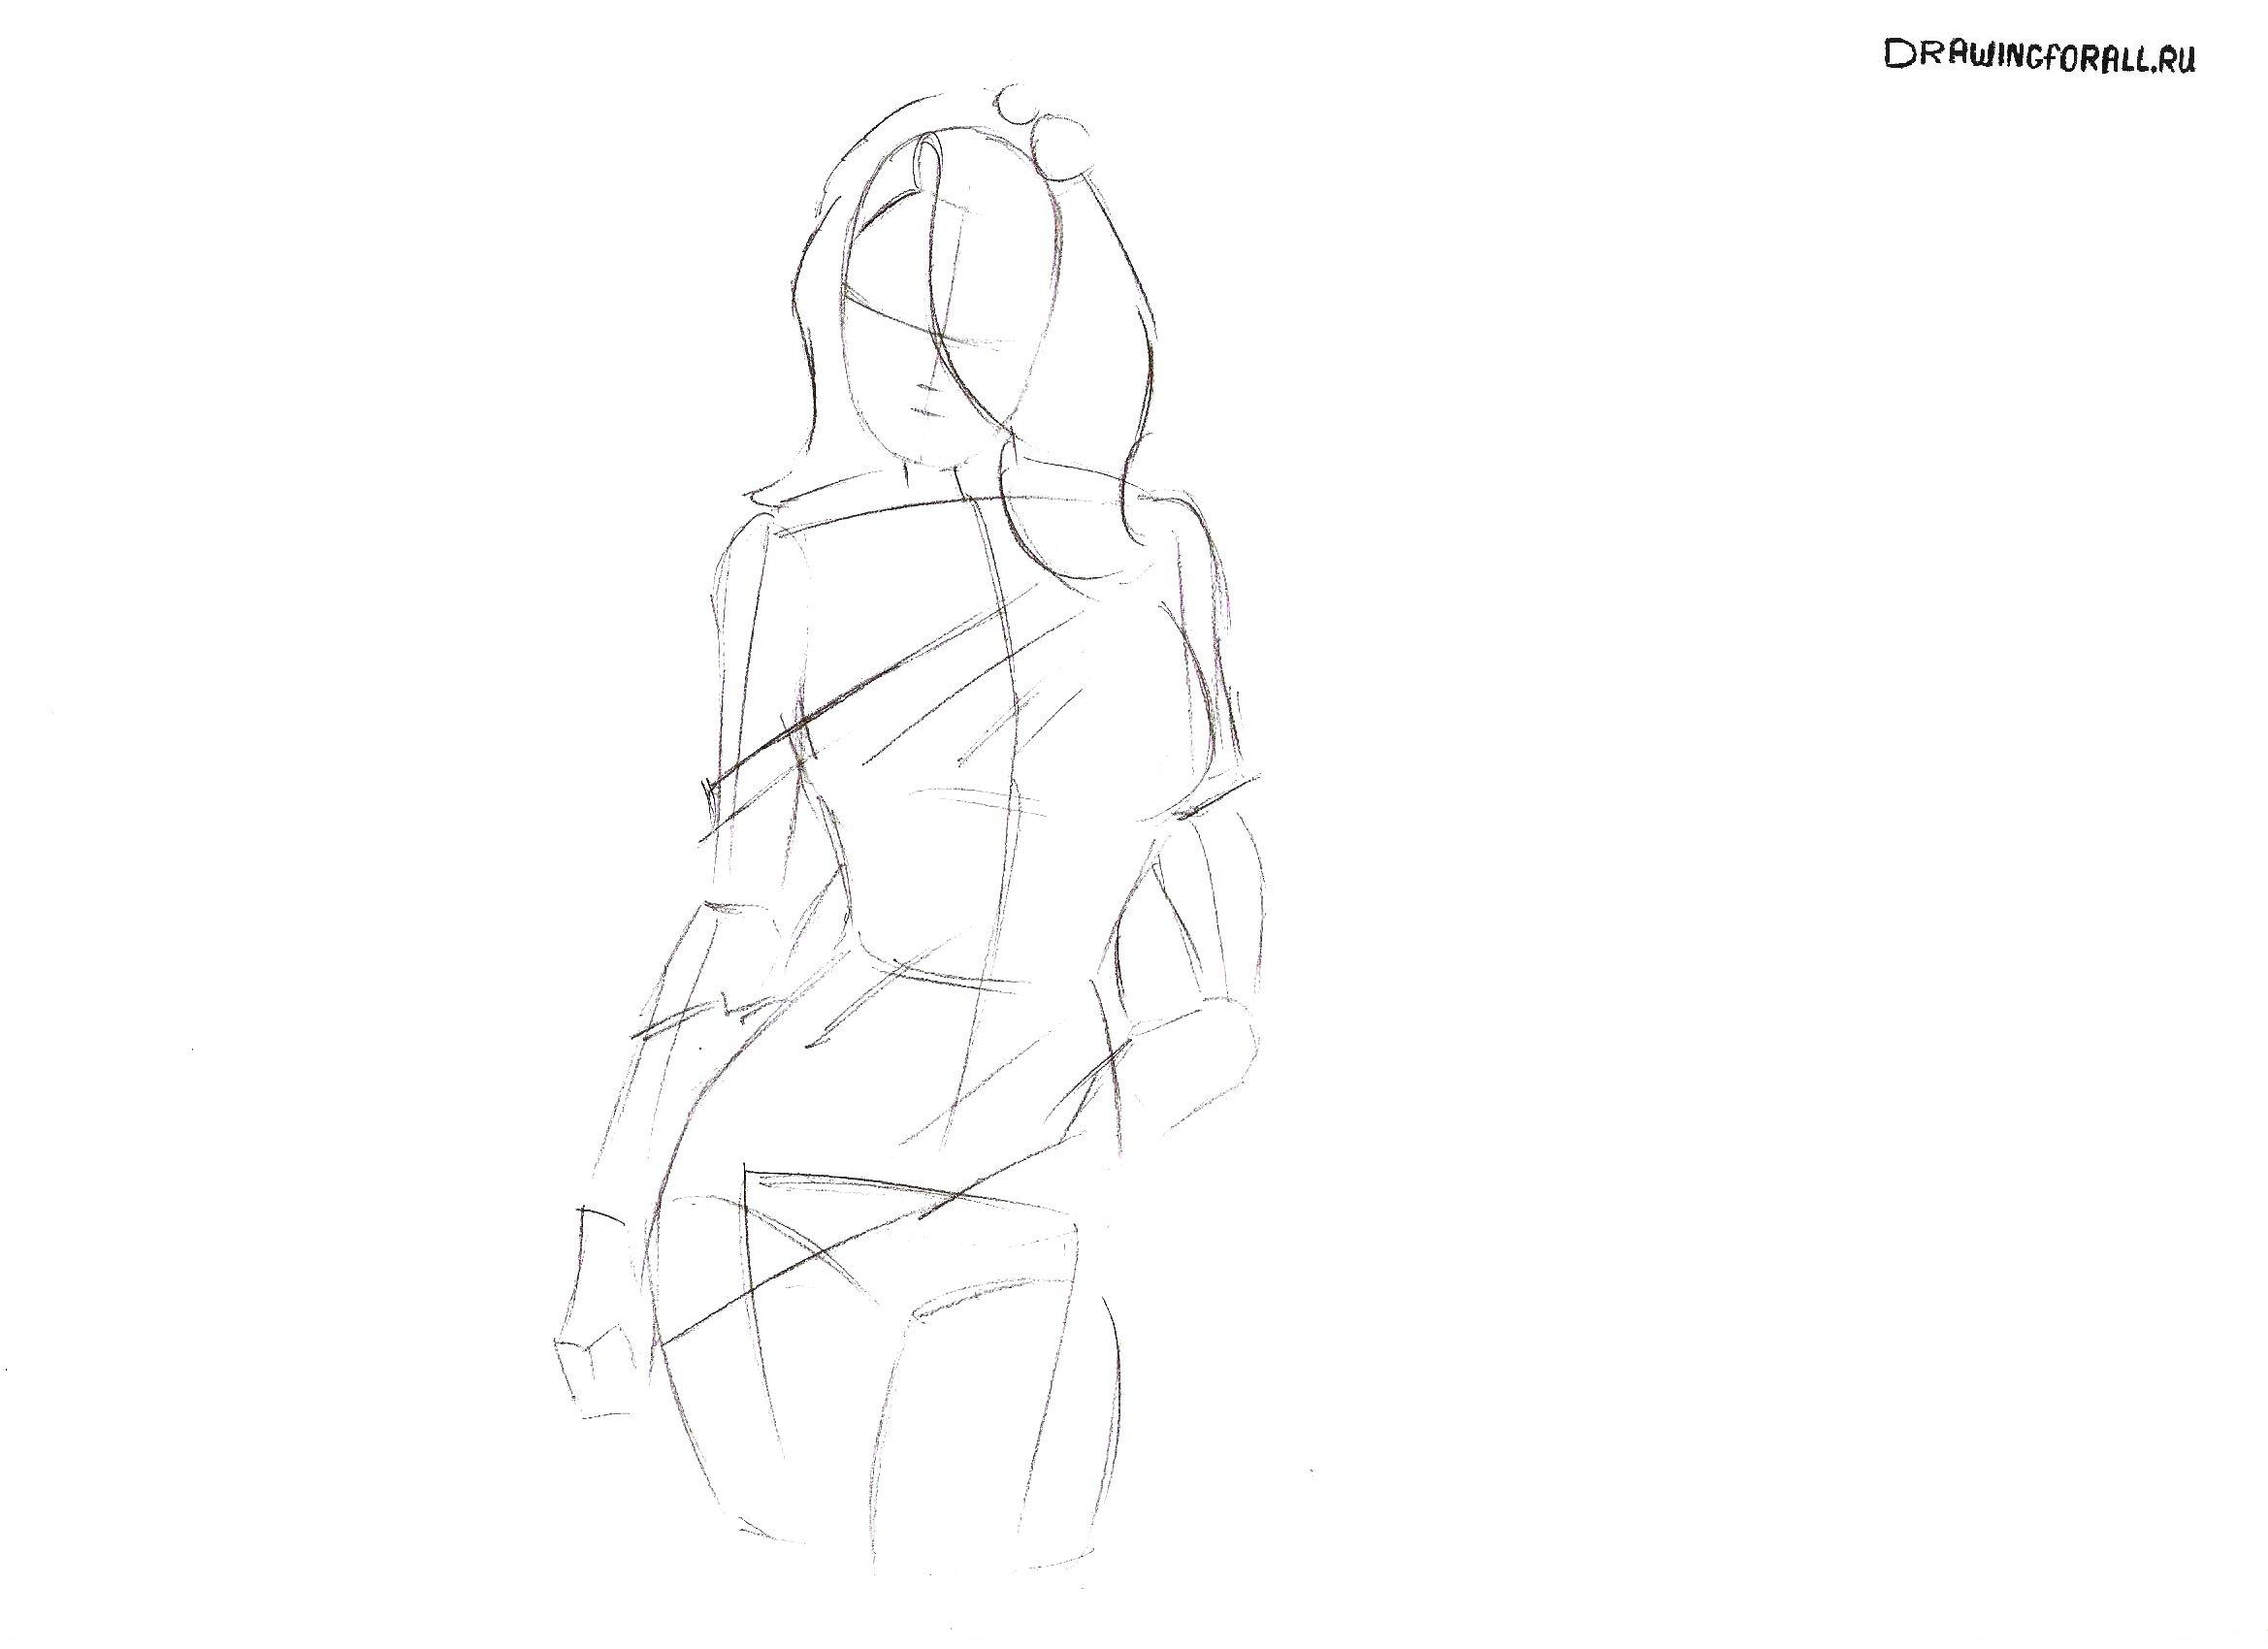 как красиво нарисовать девушку